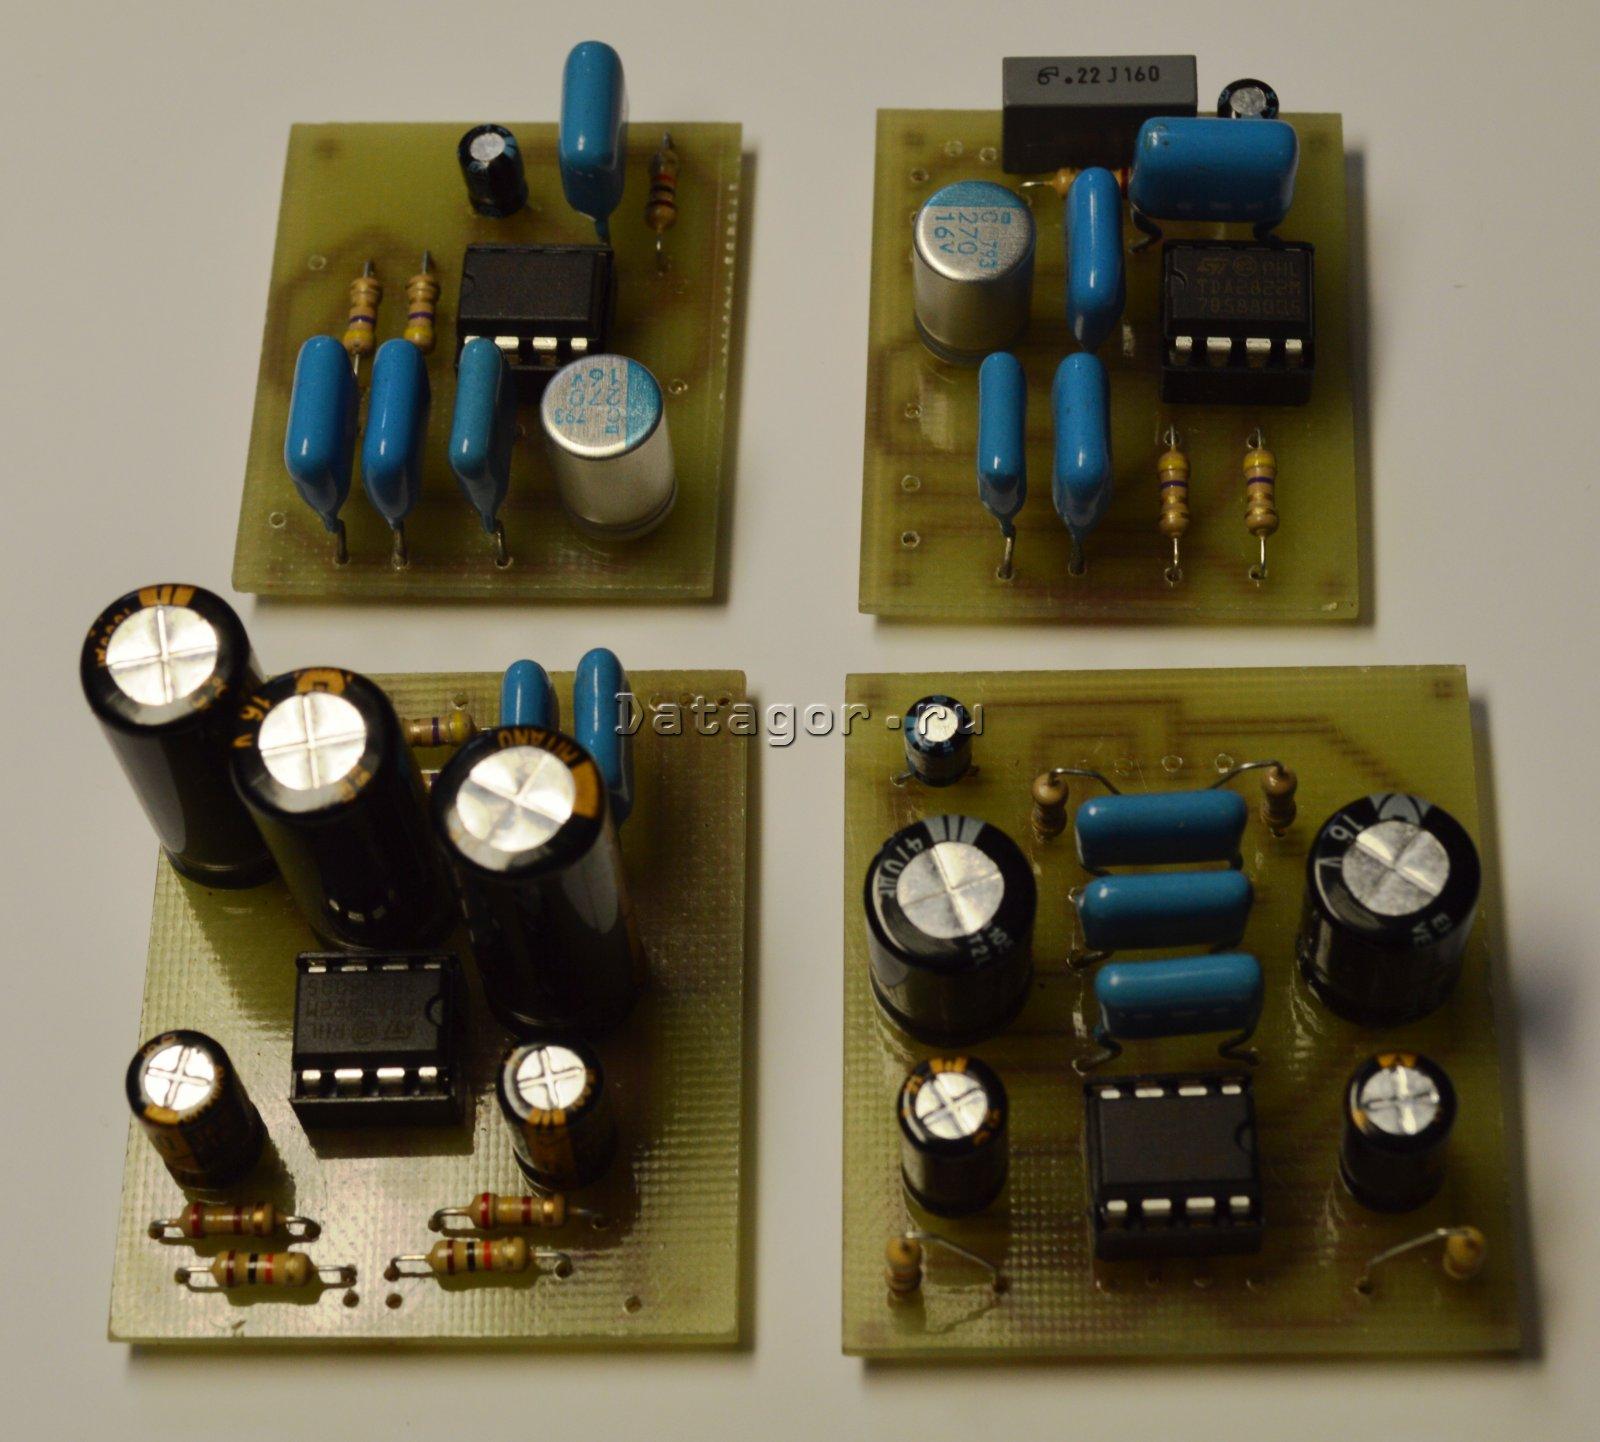 транзисторная схема на основе дифференциального каскада